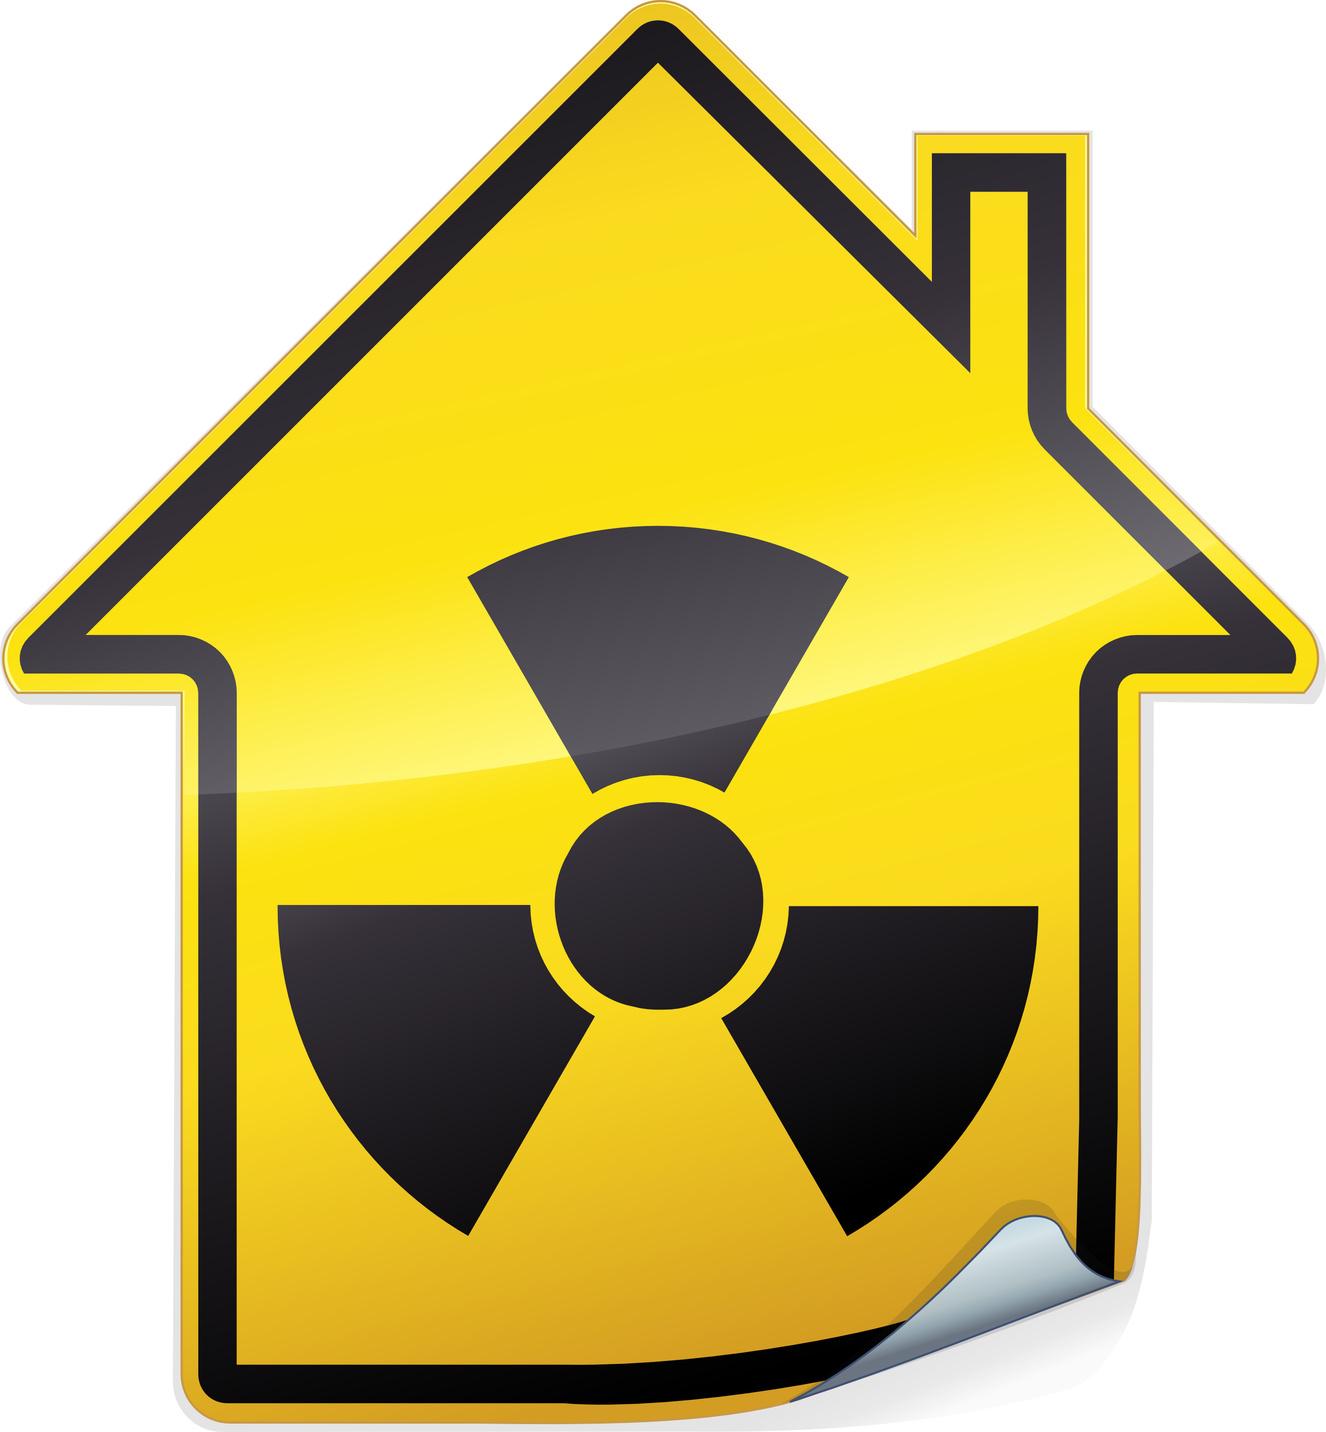 Un diagnostic obligatoire pour la radioactivité dans les logements